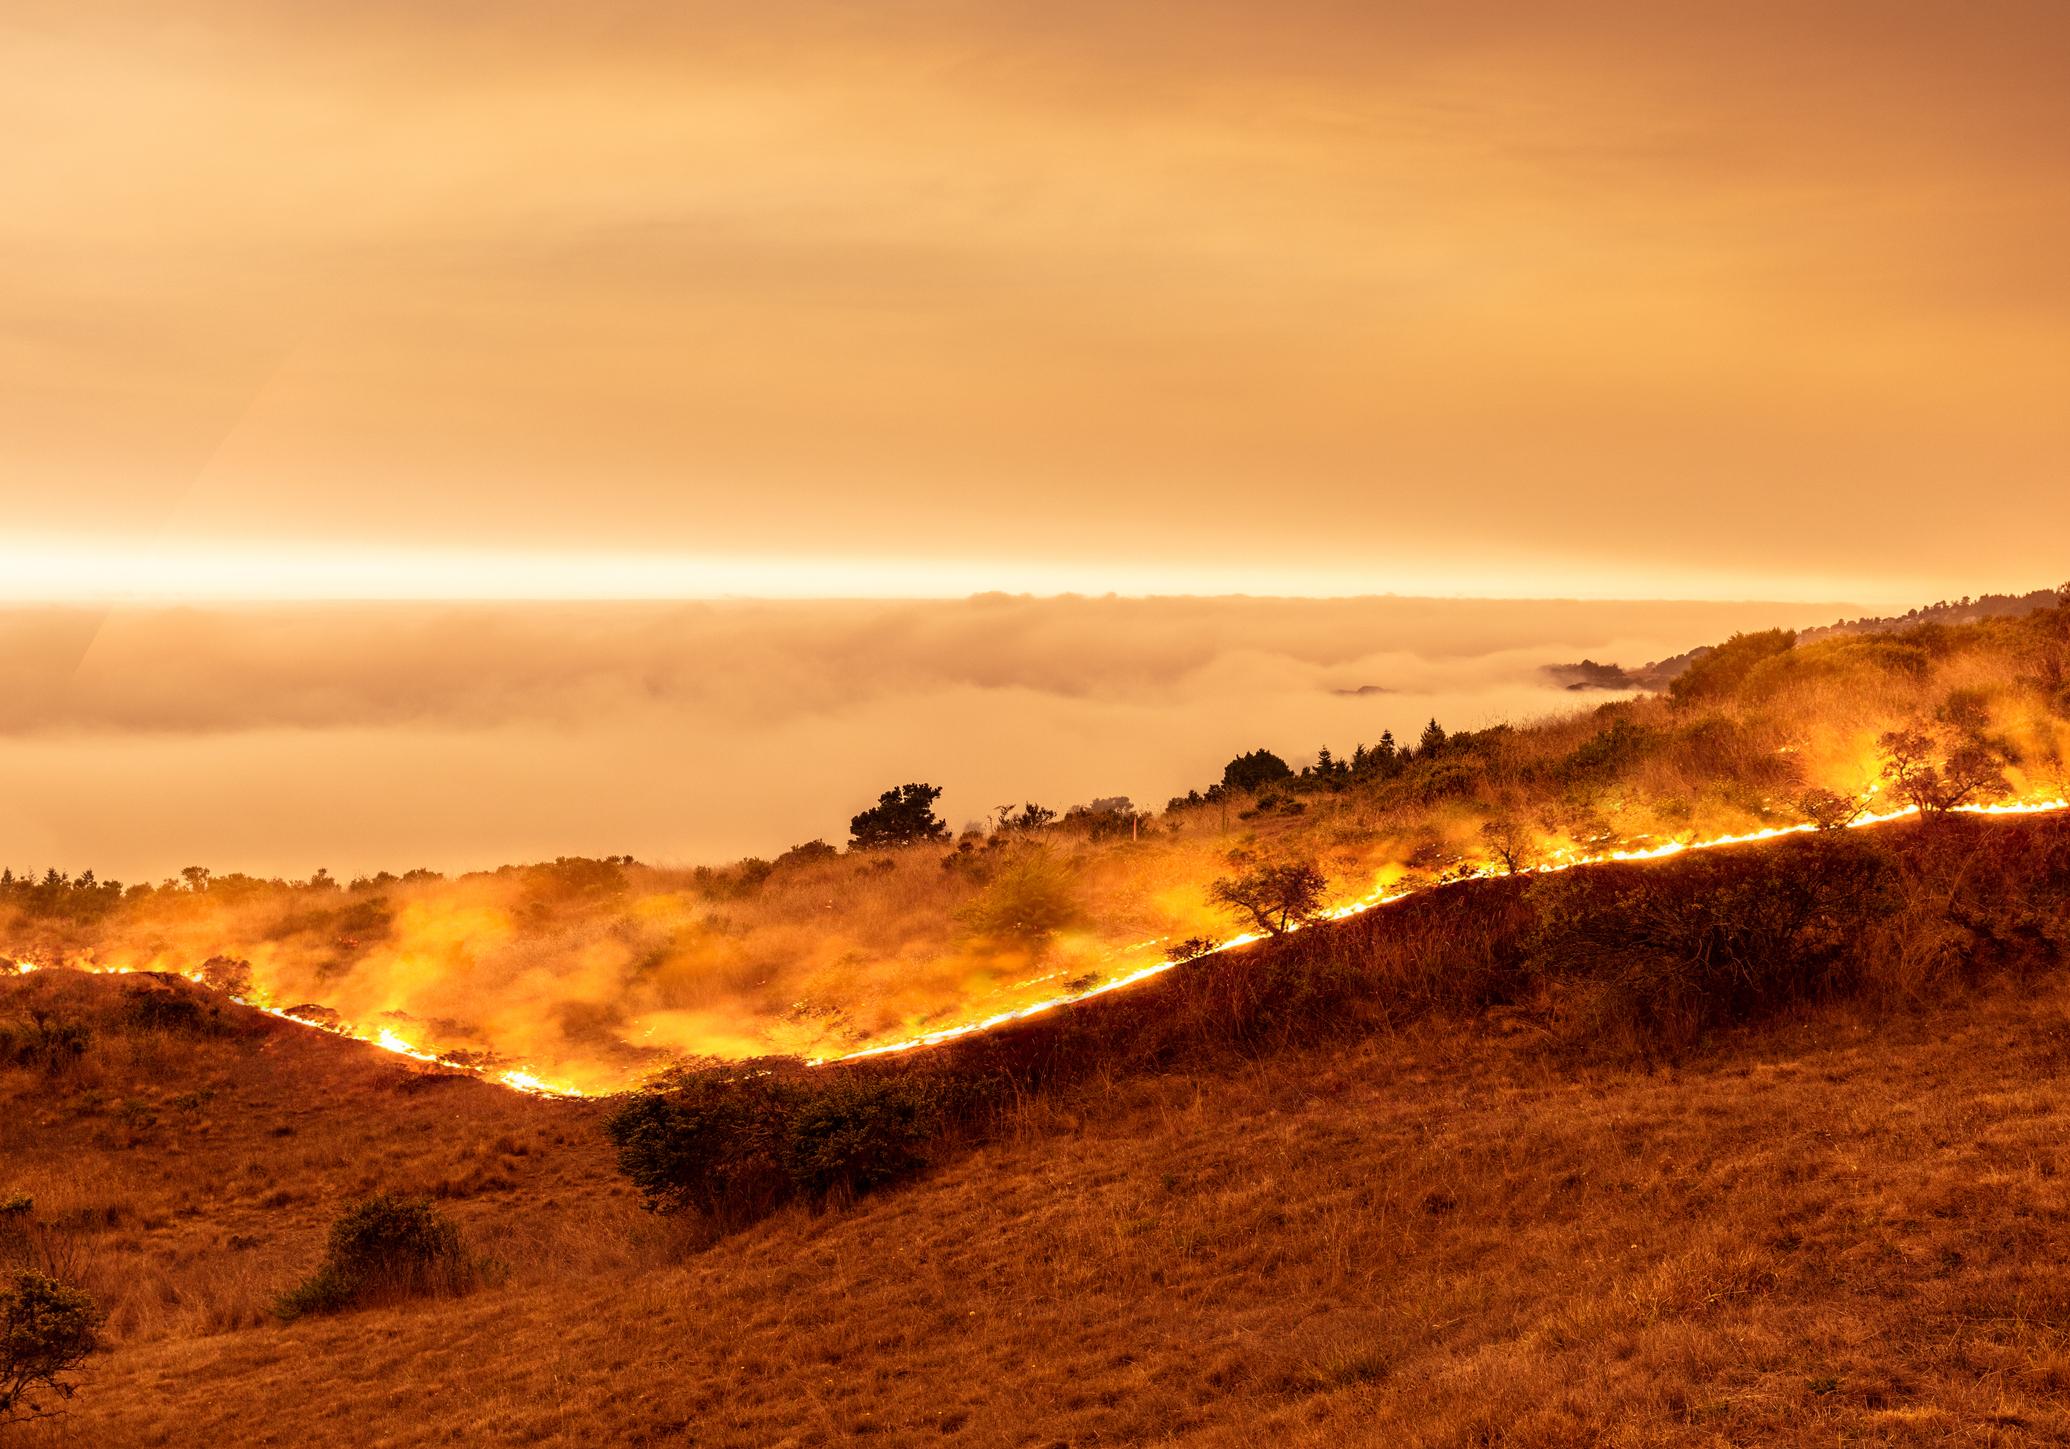 California Farming - An Inferno Rising